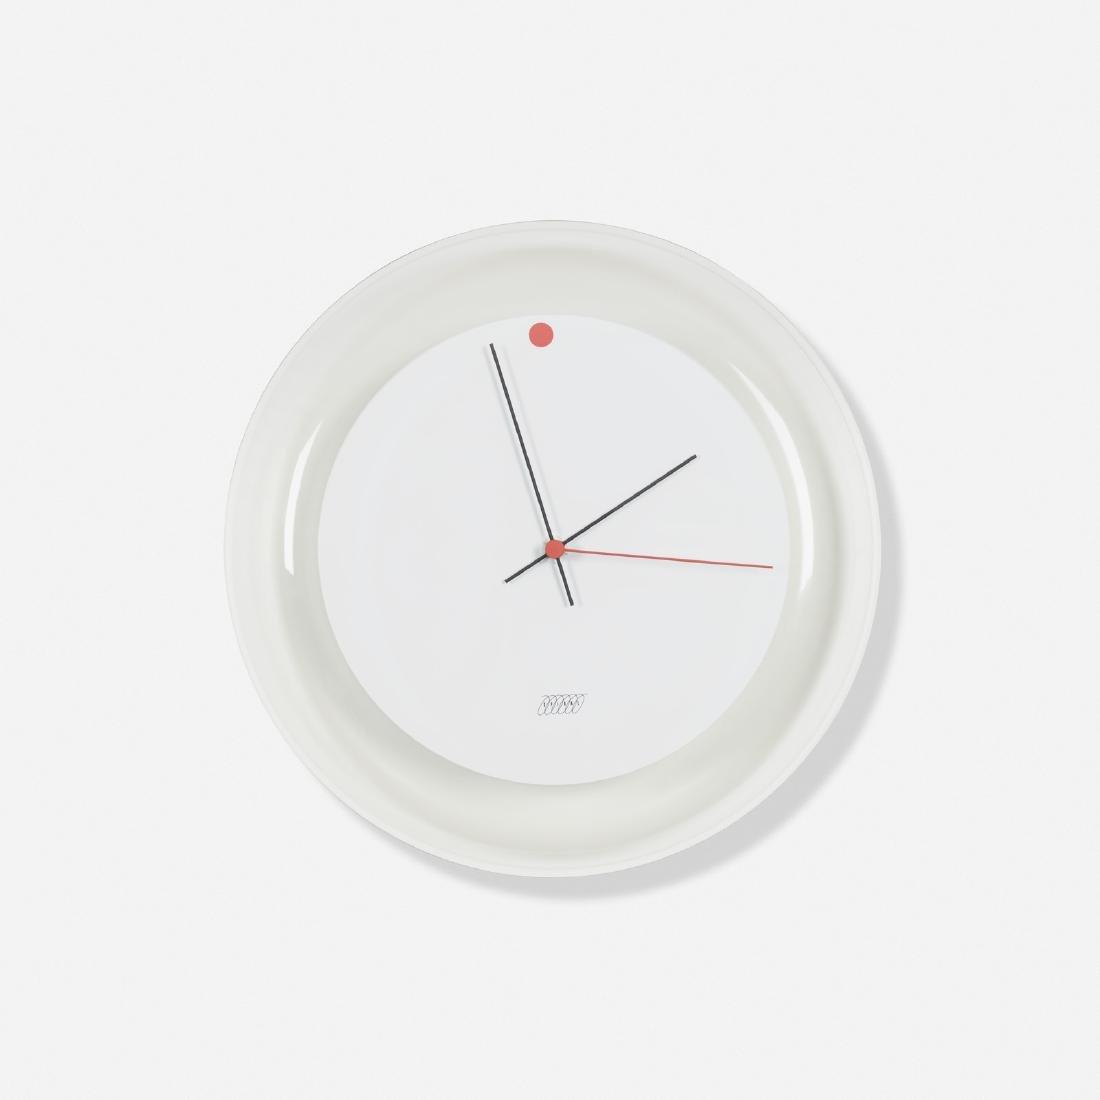 Shiro Kuramata, Spiral Clock A